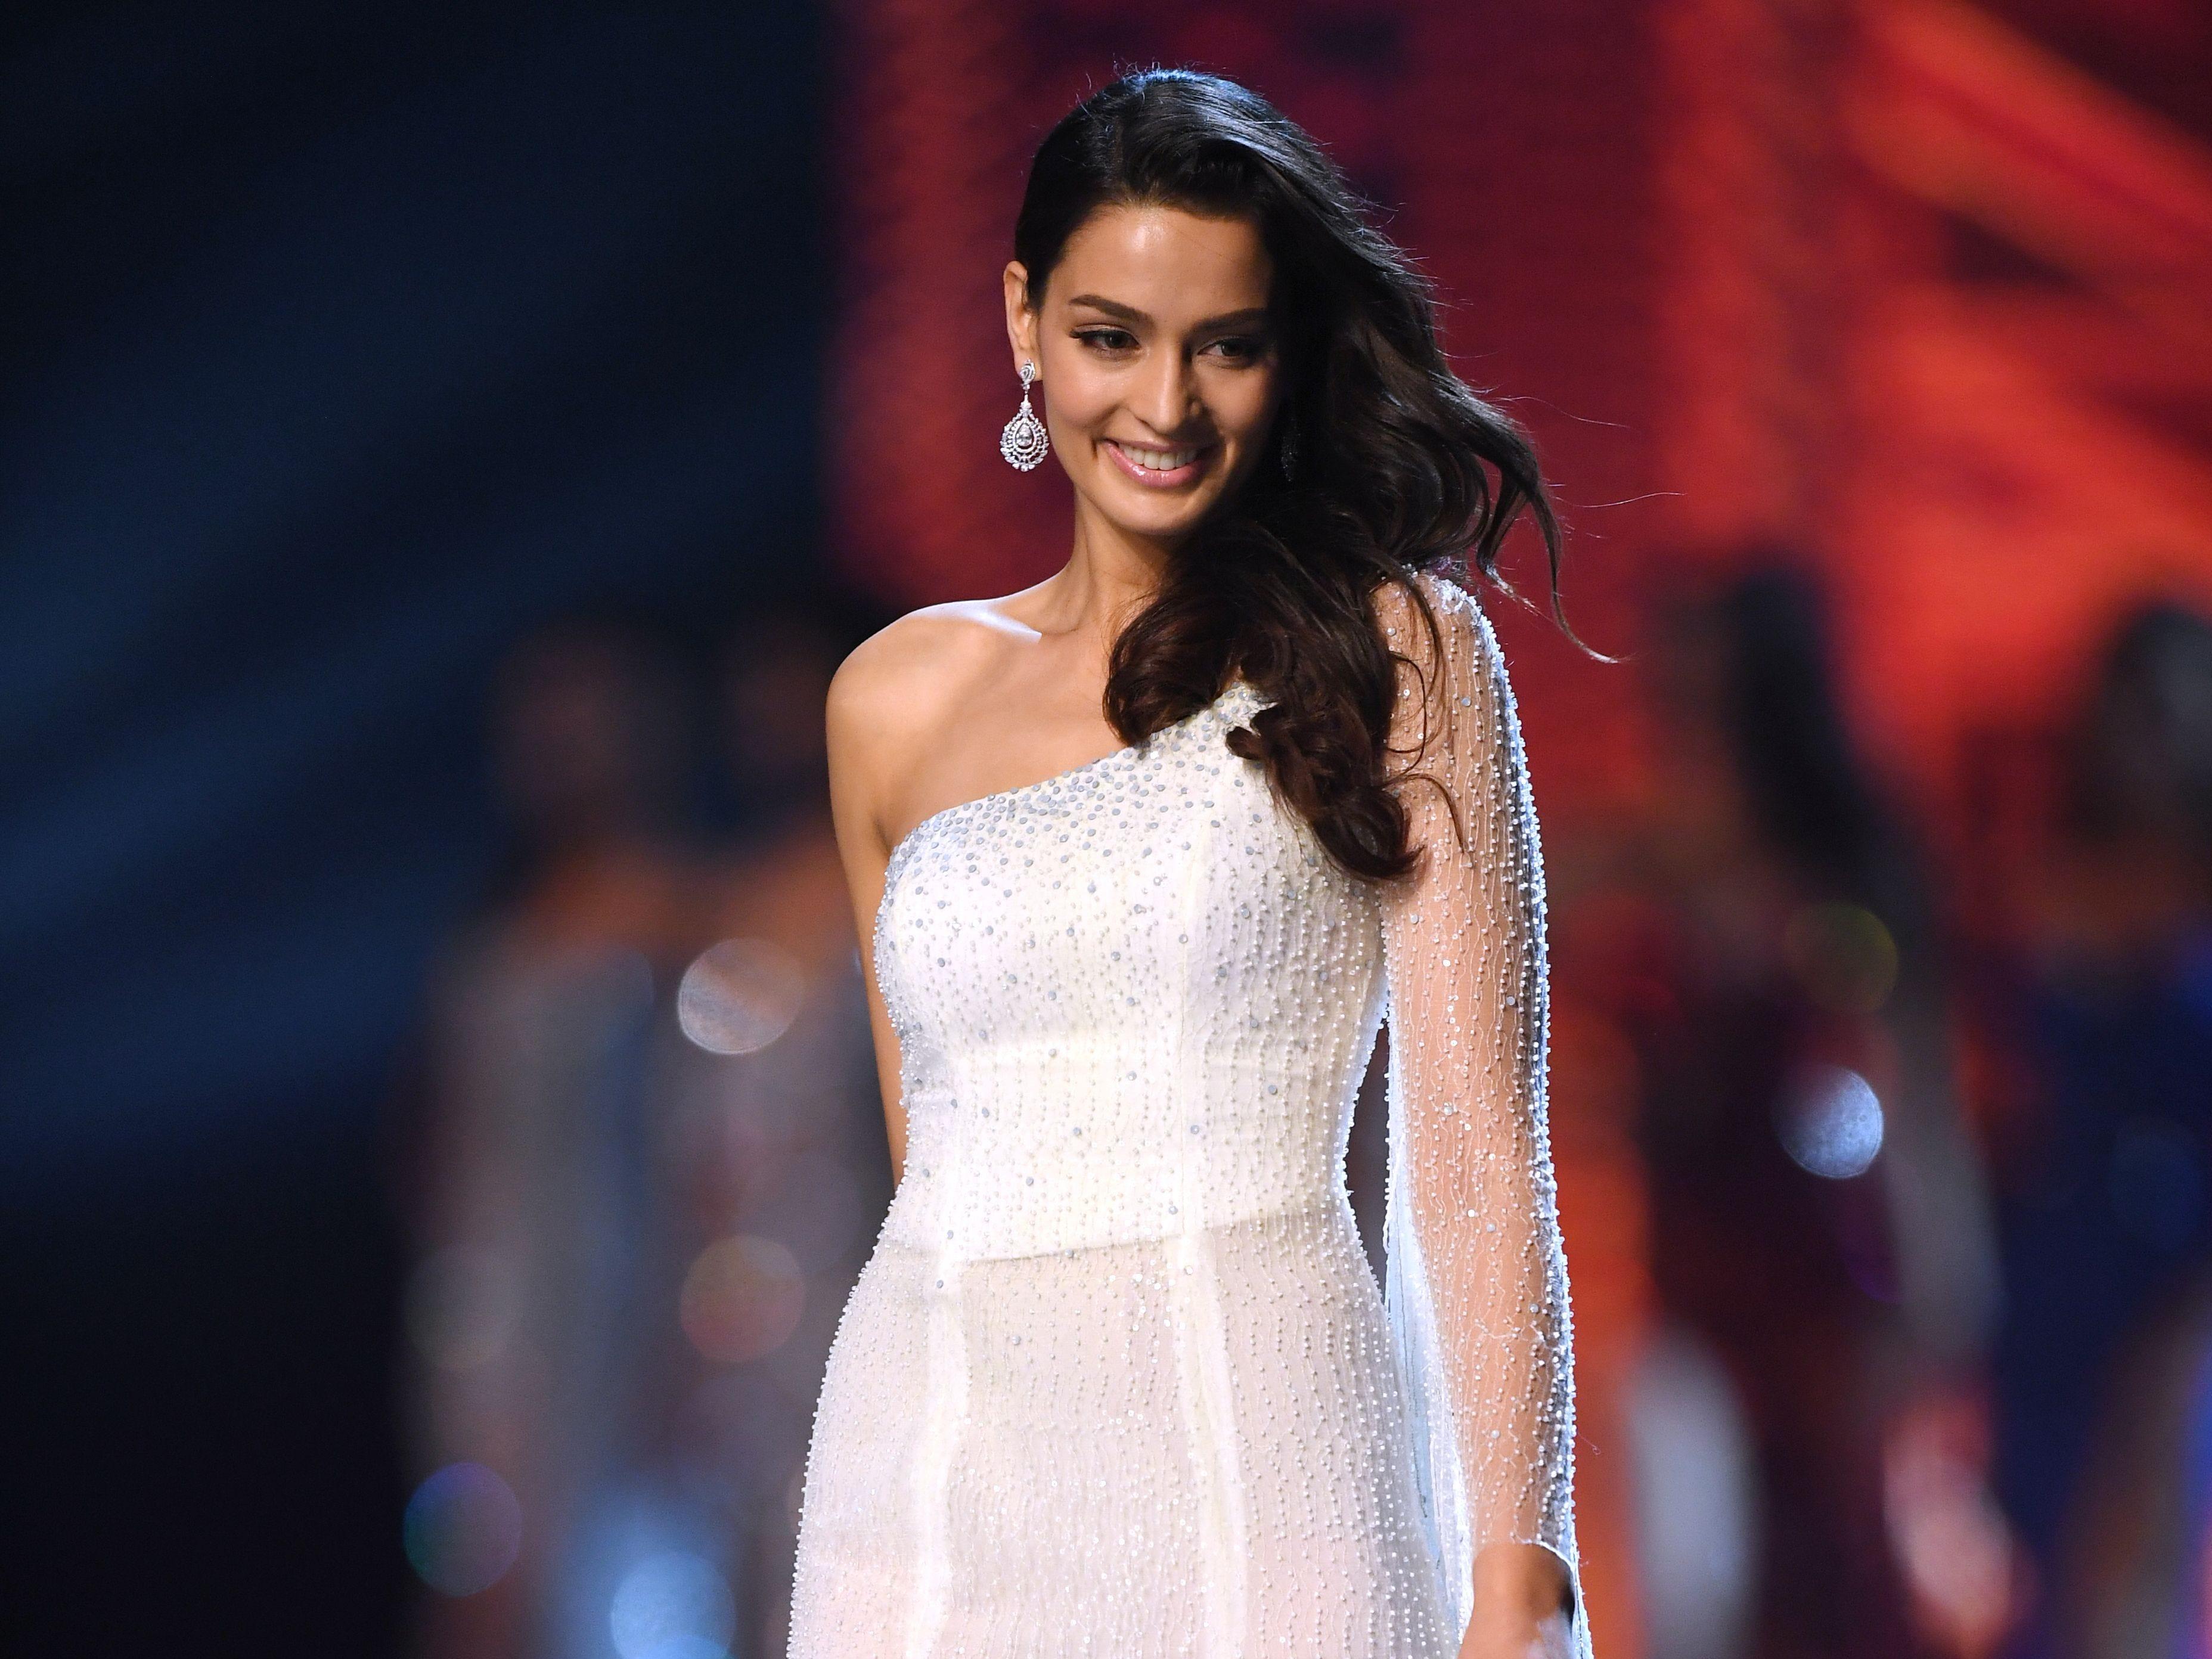 Manita Devkota de Nepal en la pasarela luego de ser seleccionada como las 10 mejores finalistas durante el concurso Miss Universo 2018 en Bangkok el 17 de diciembre de 2018.